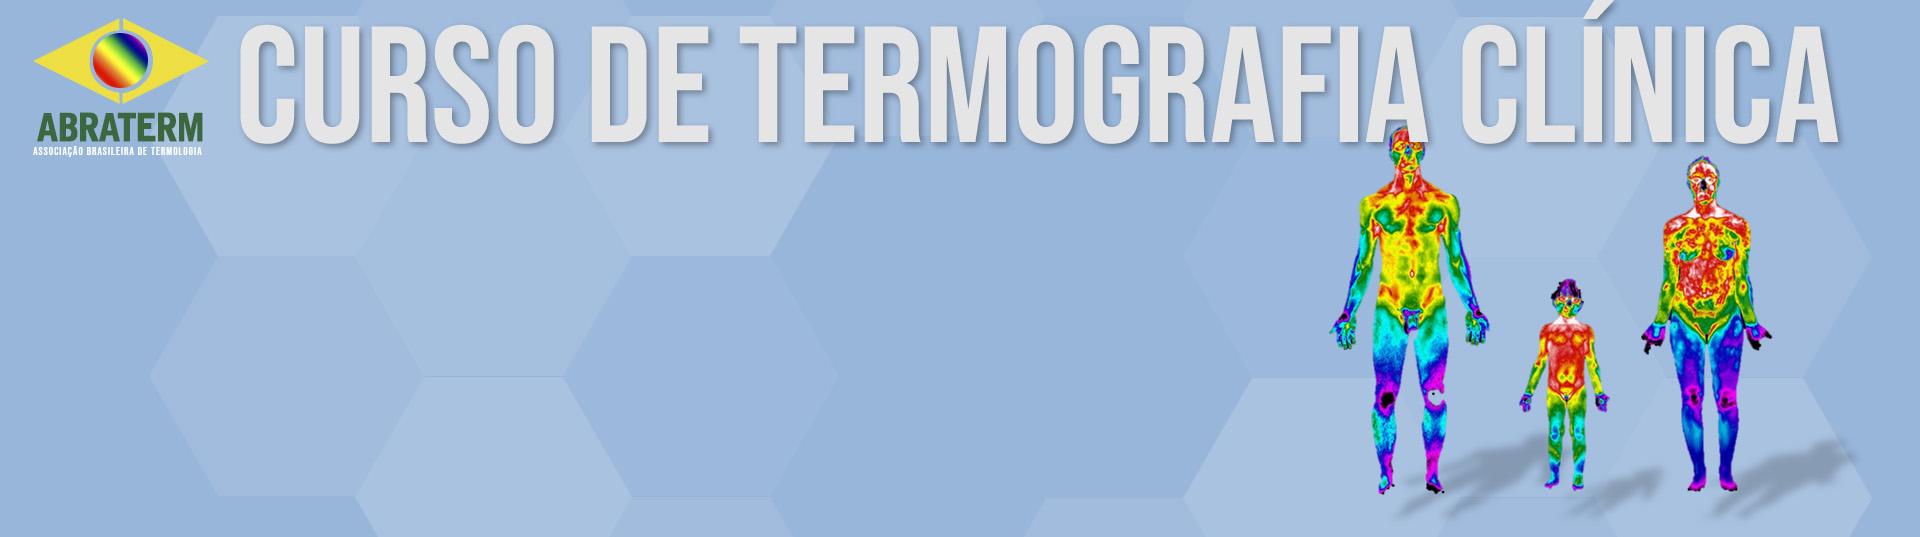 Curso de Termografia Clínica 2021 – III (ONLINE)